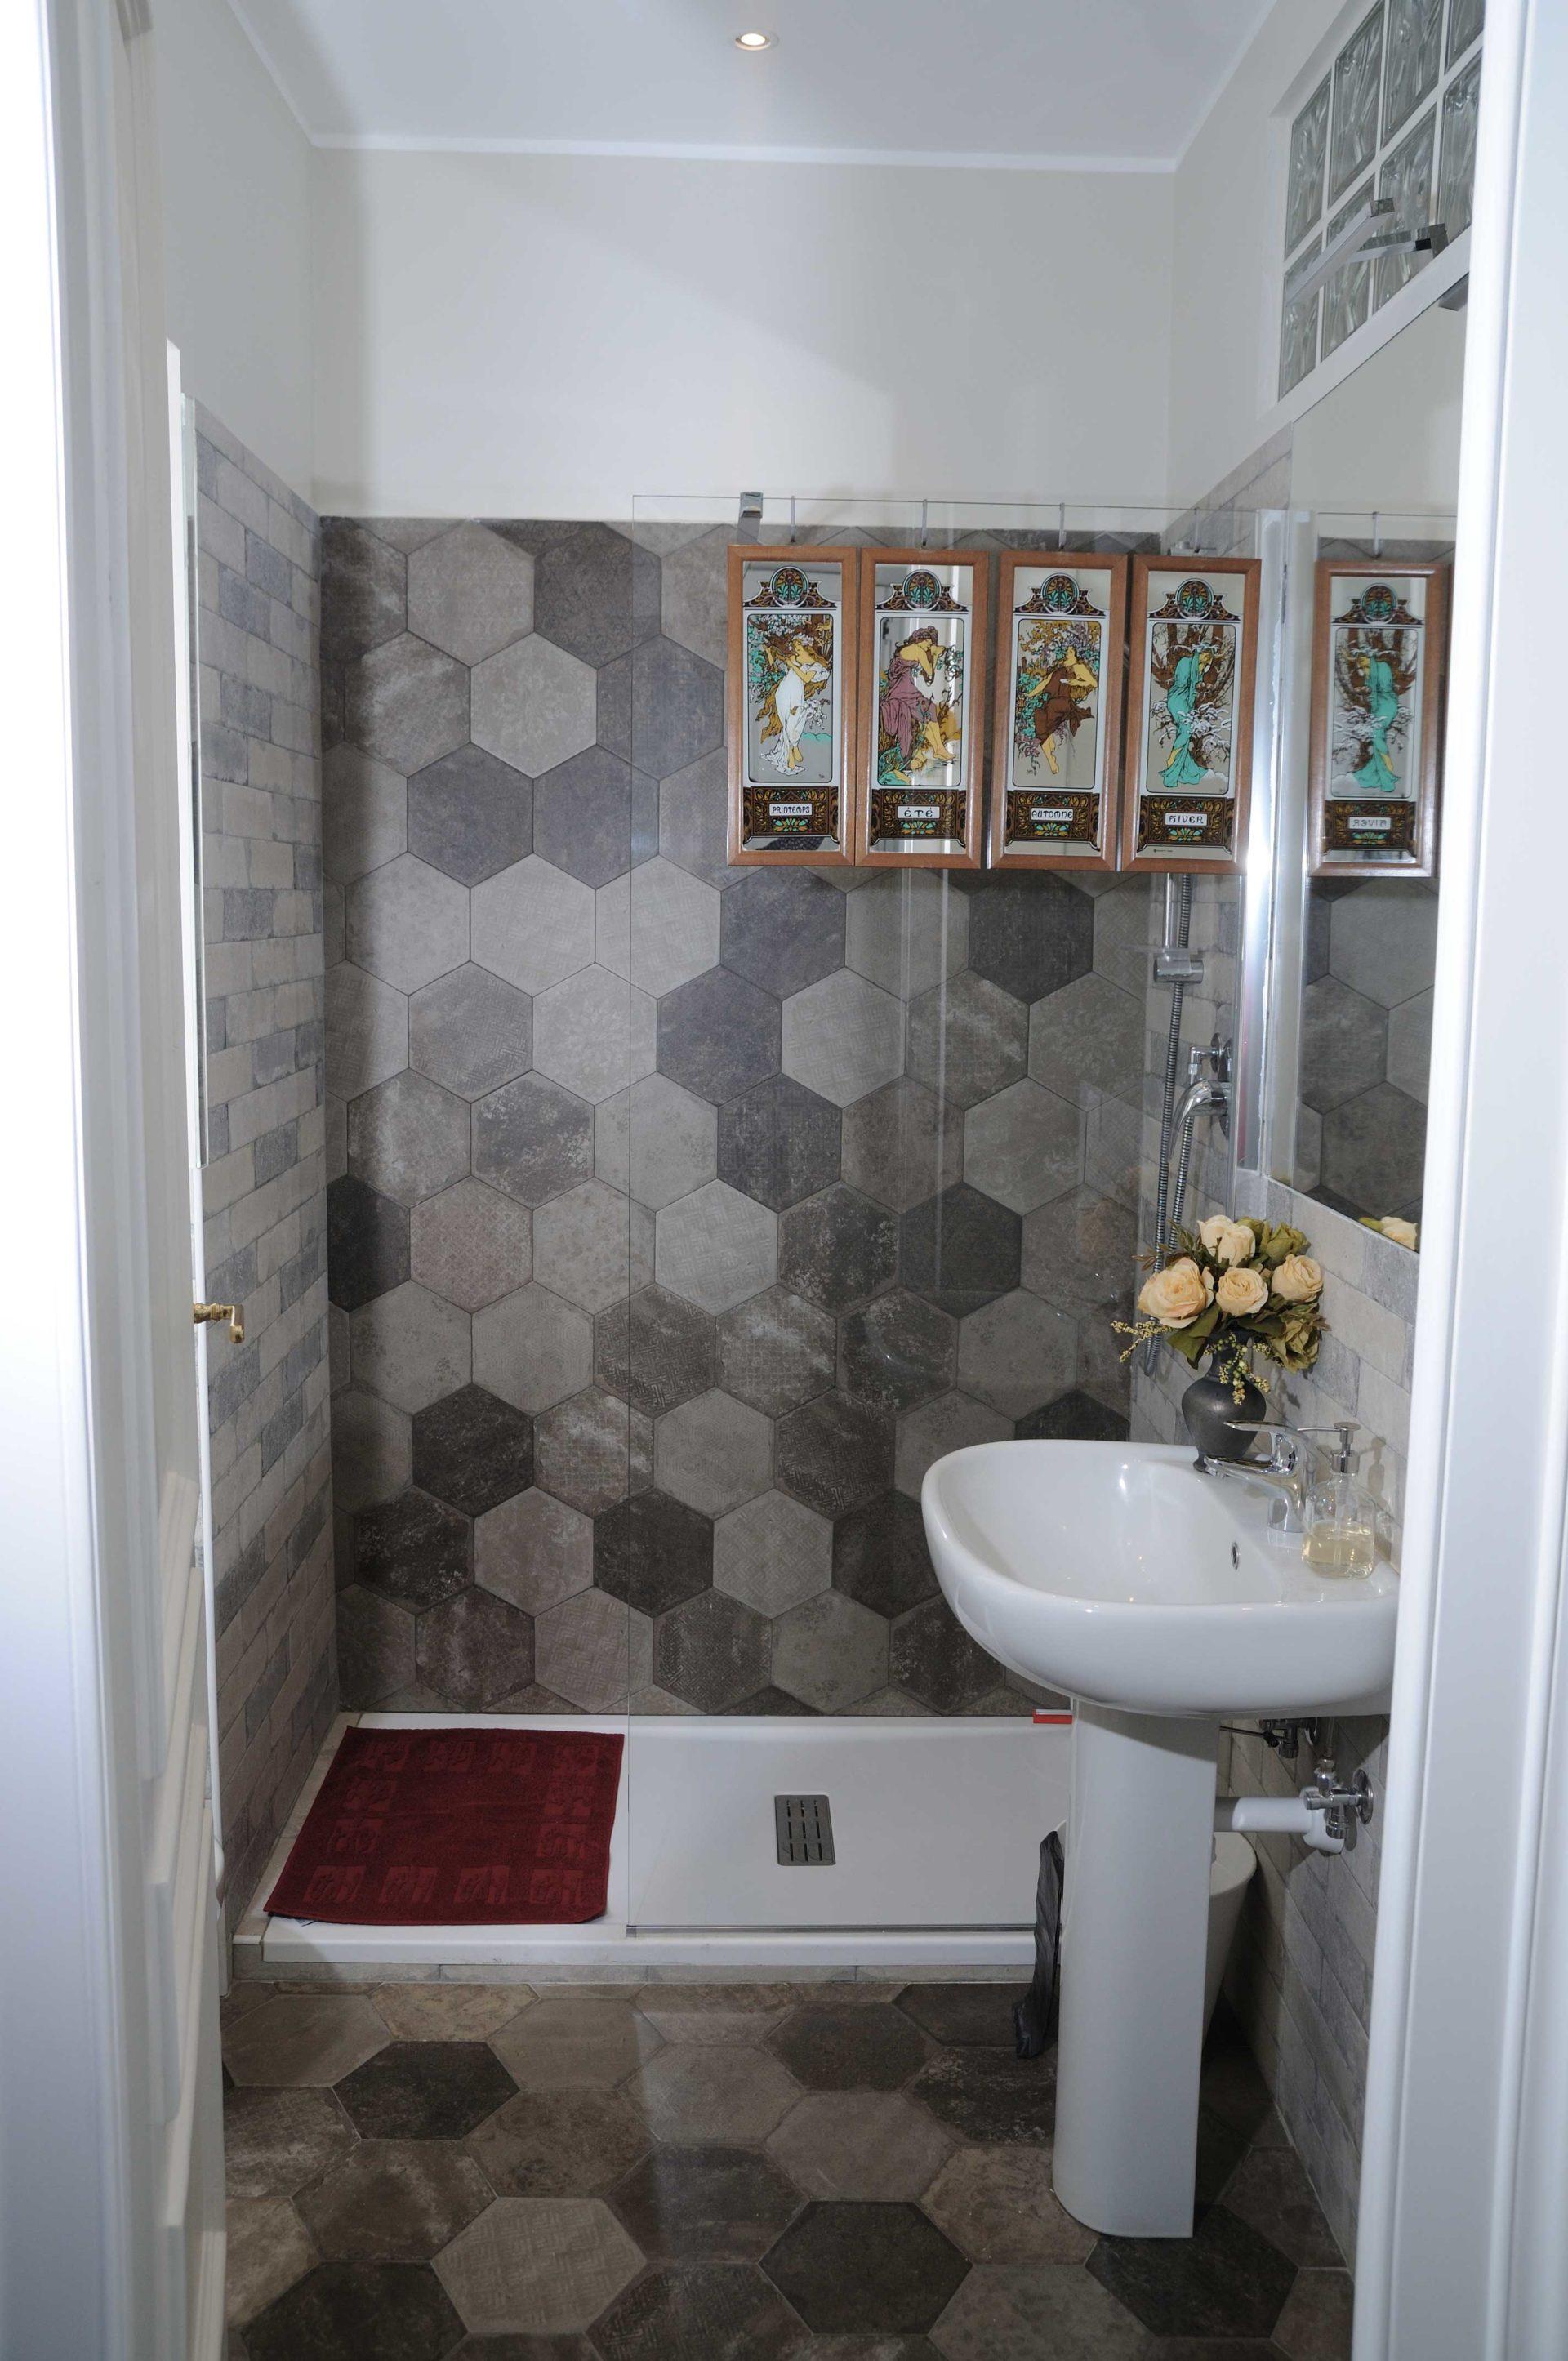 Casacrivello bagno2 camera piccola casa crivello for 2 bagni piccola casa